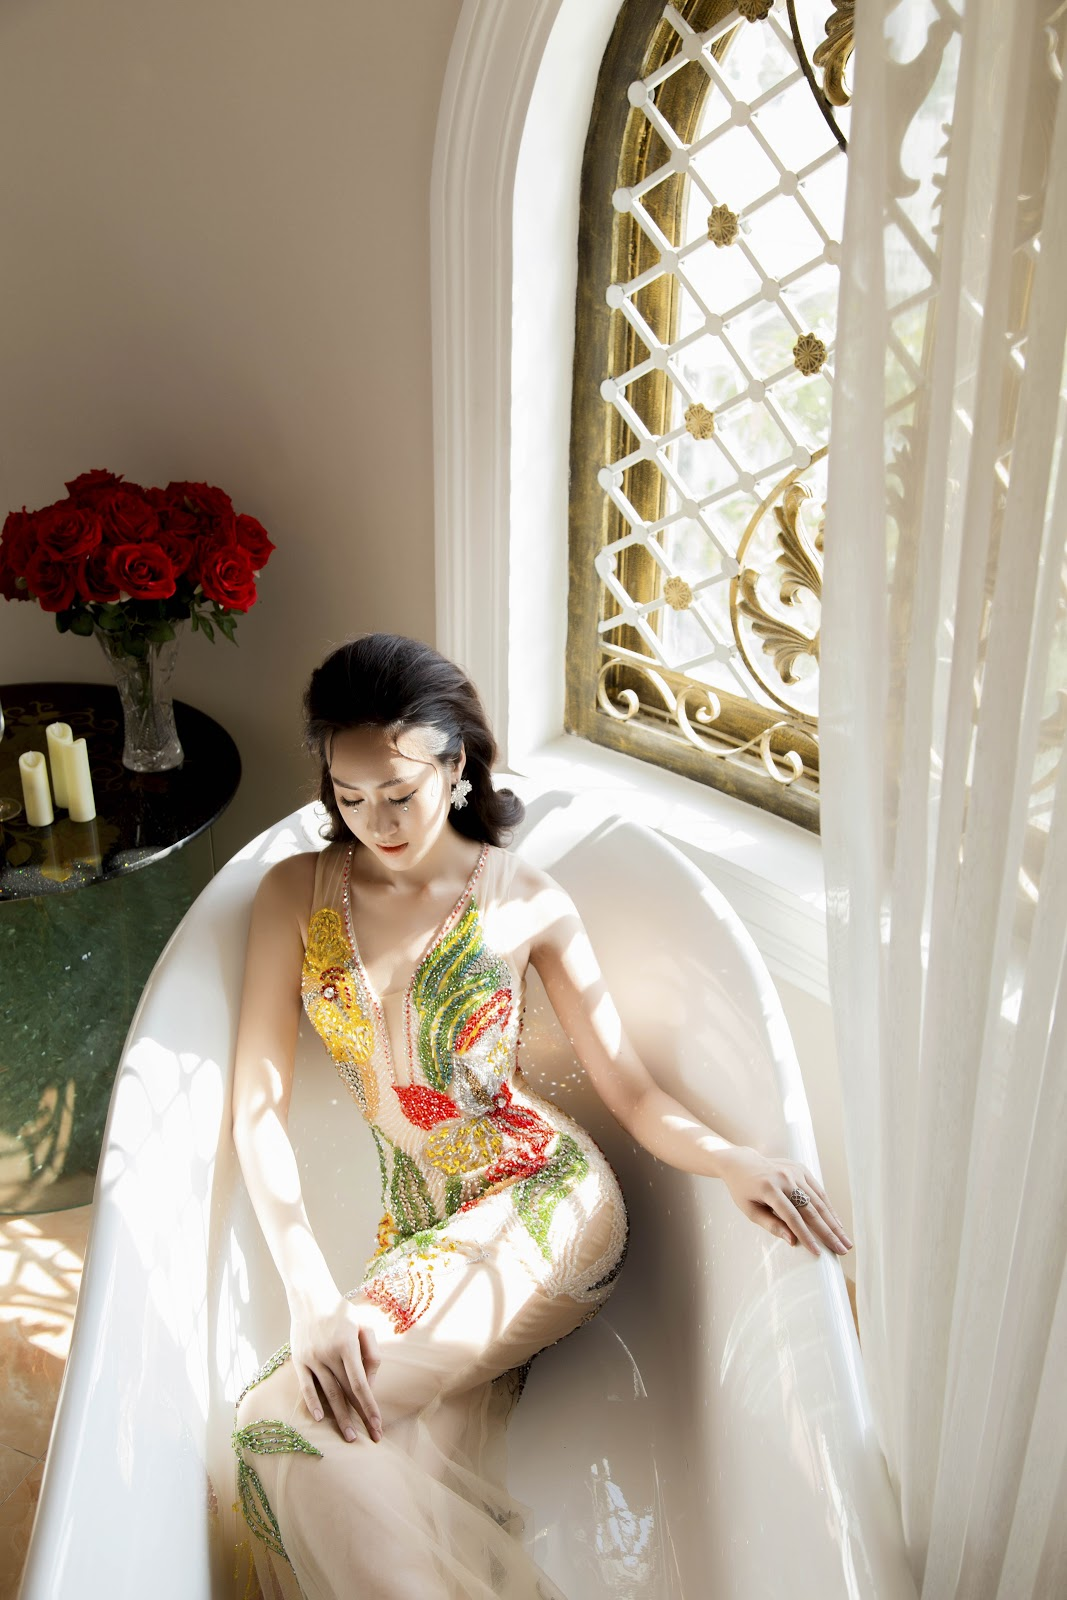 Giật mình với ảnh nóng của Hoa khôi Anika Trinh Trinh trong... bồn tắm lâu đài - Hình 6